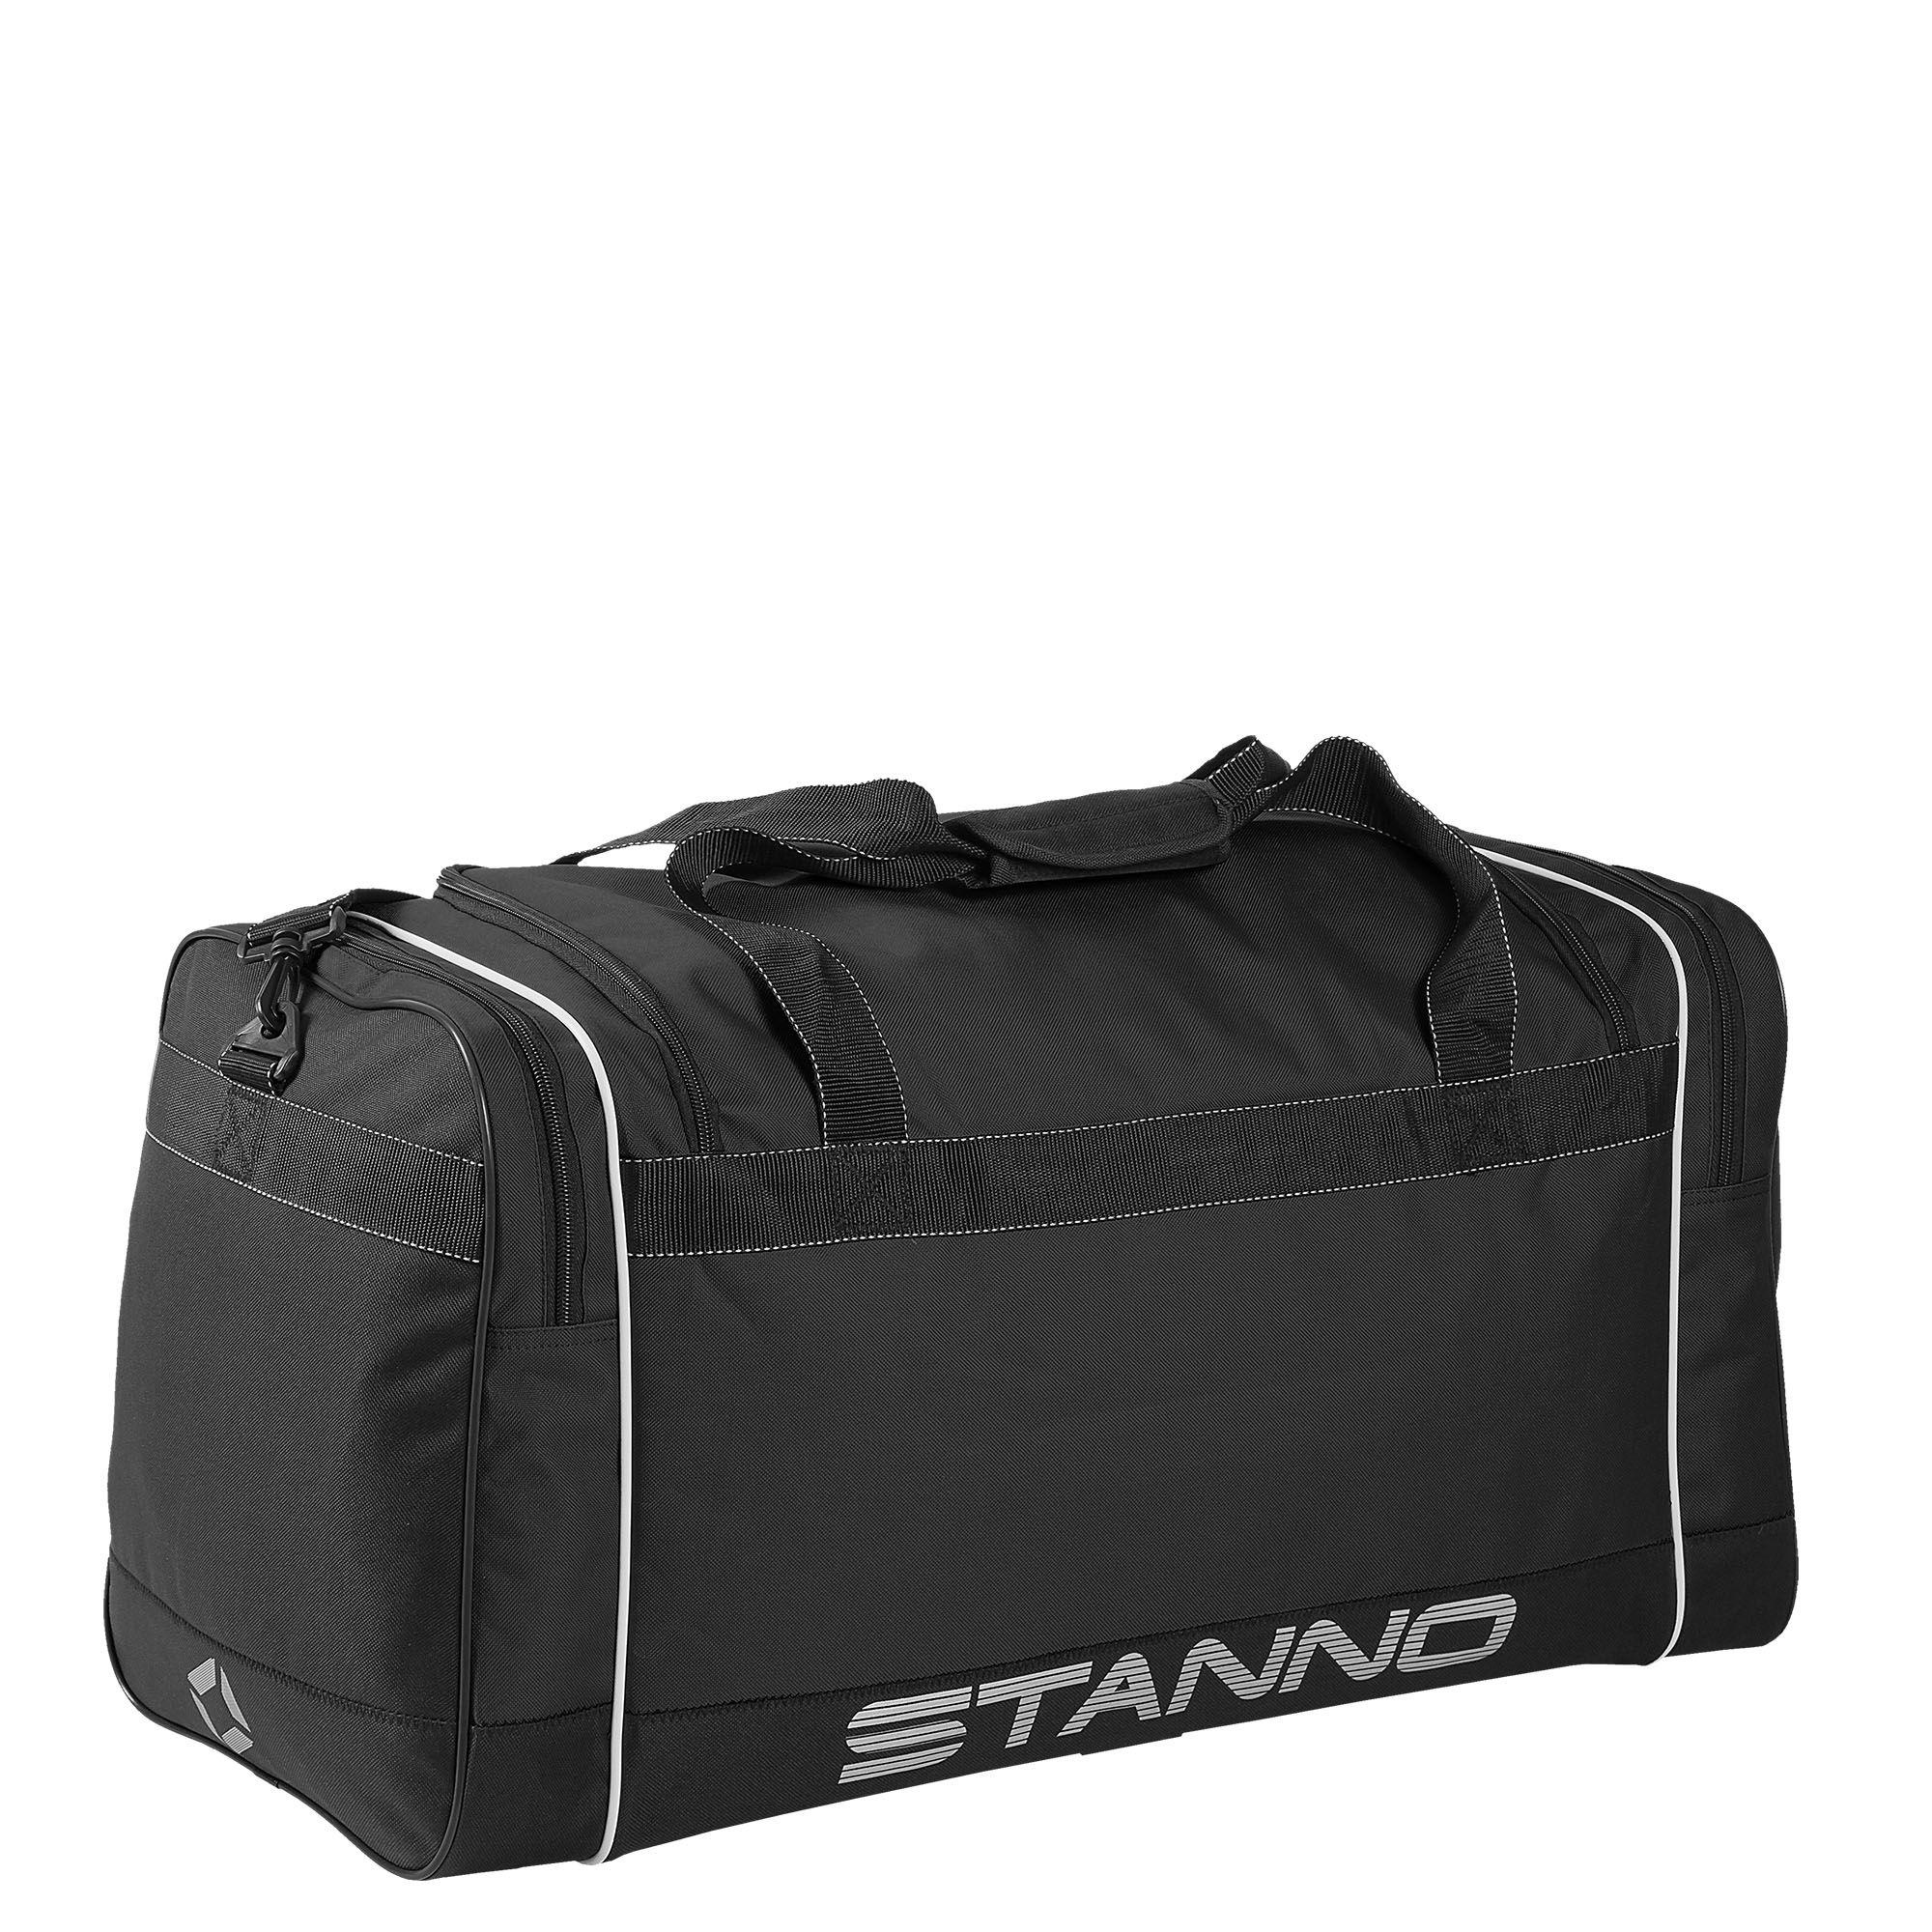 Lerida Excellence Sports Bag-484822-8000-NO SZ--Stanno.com fd267e3795f79